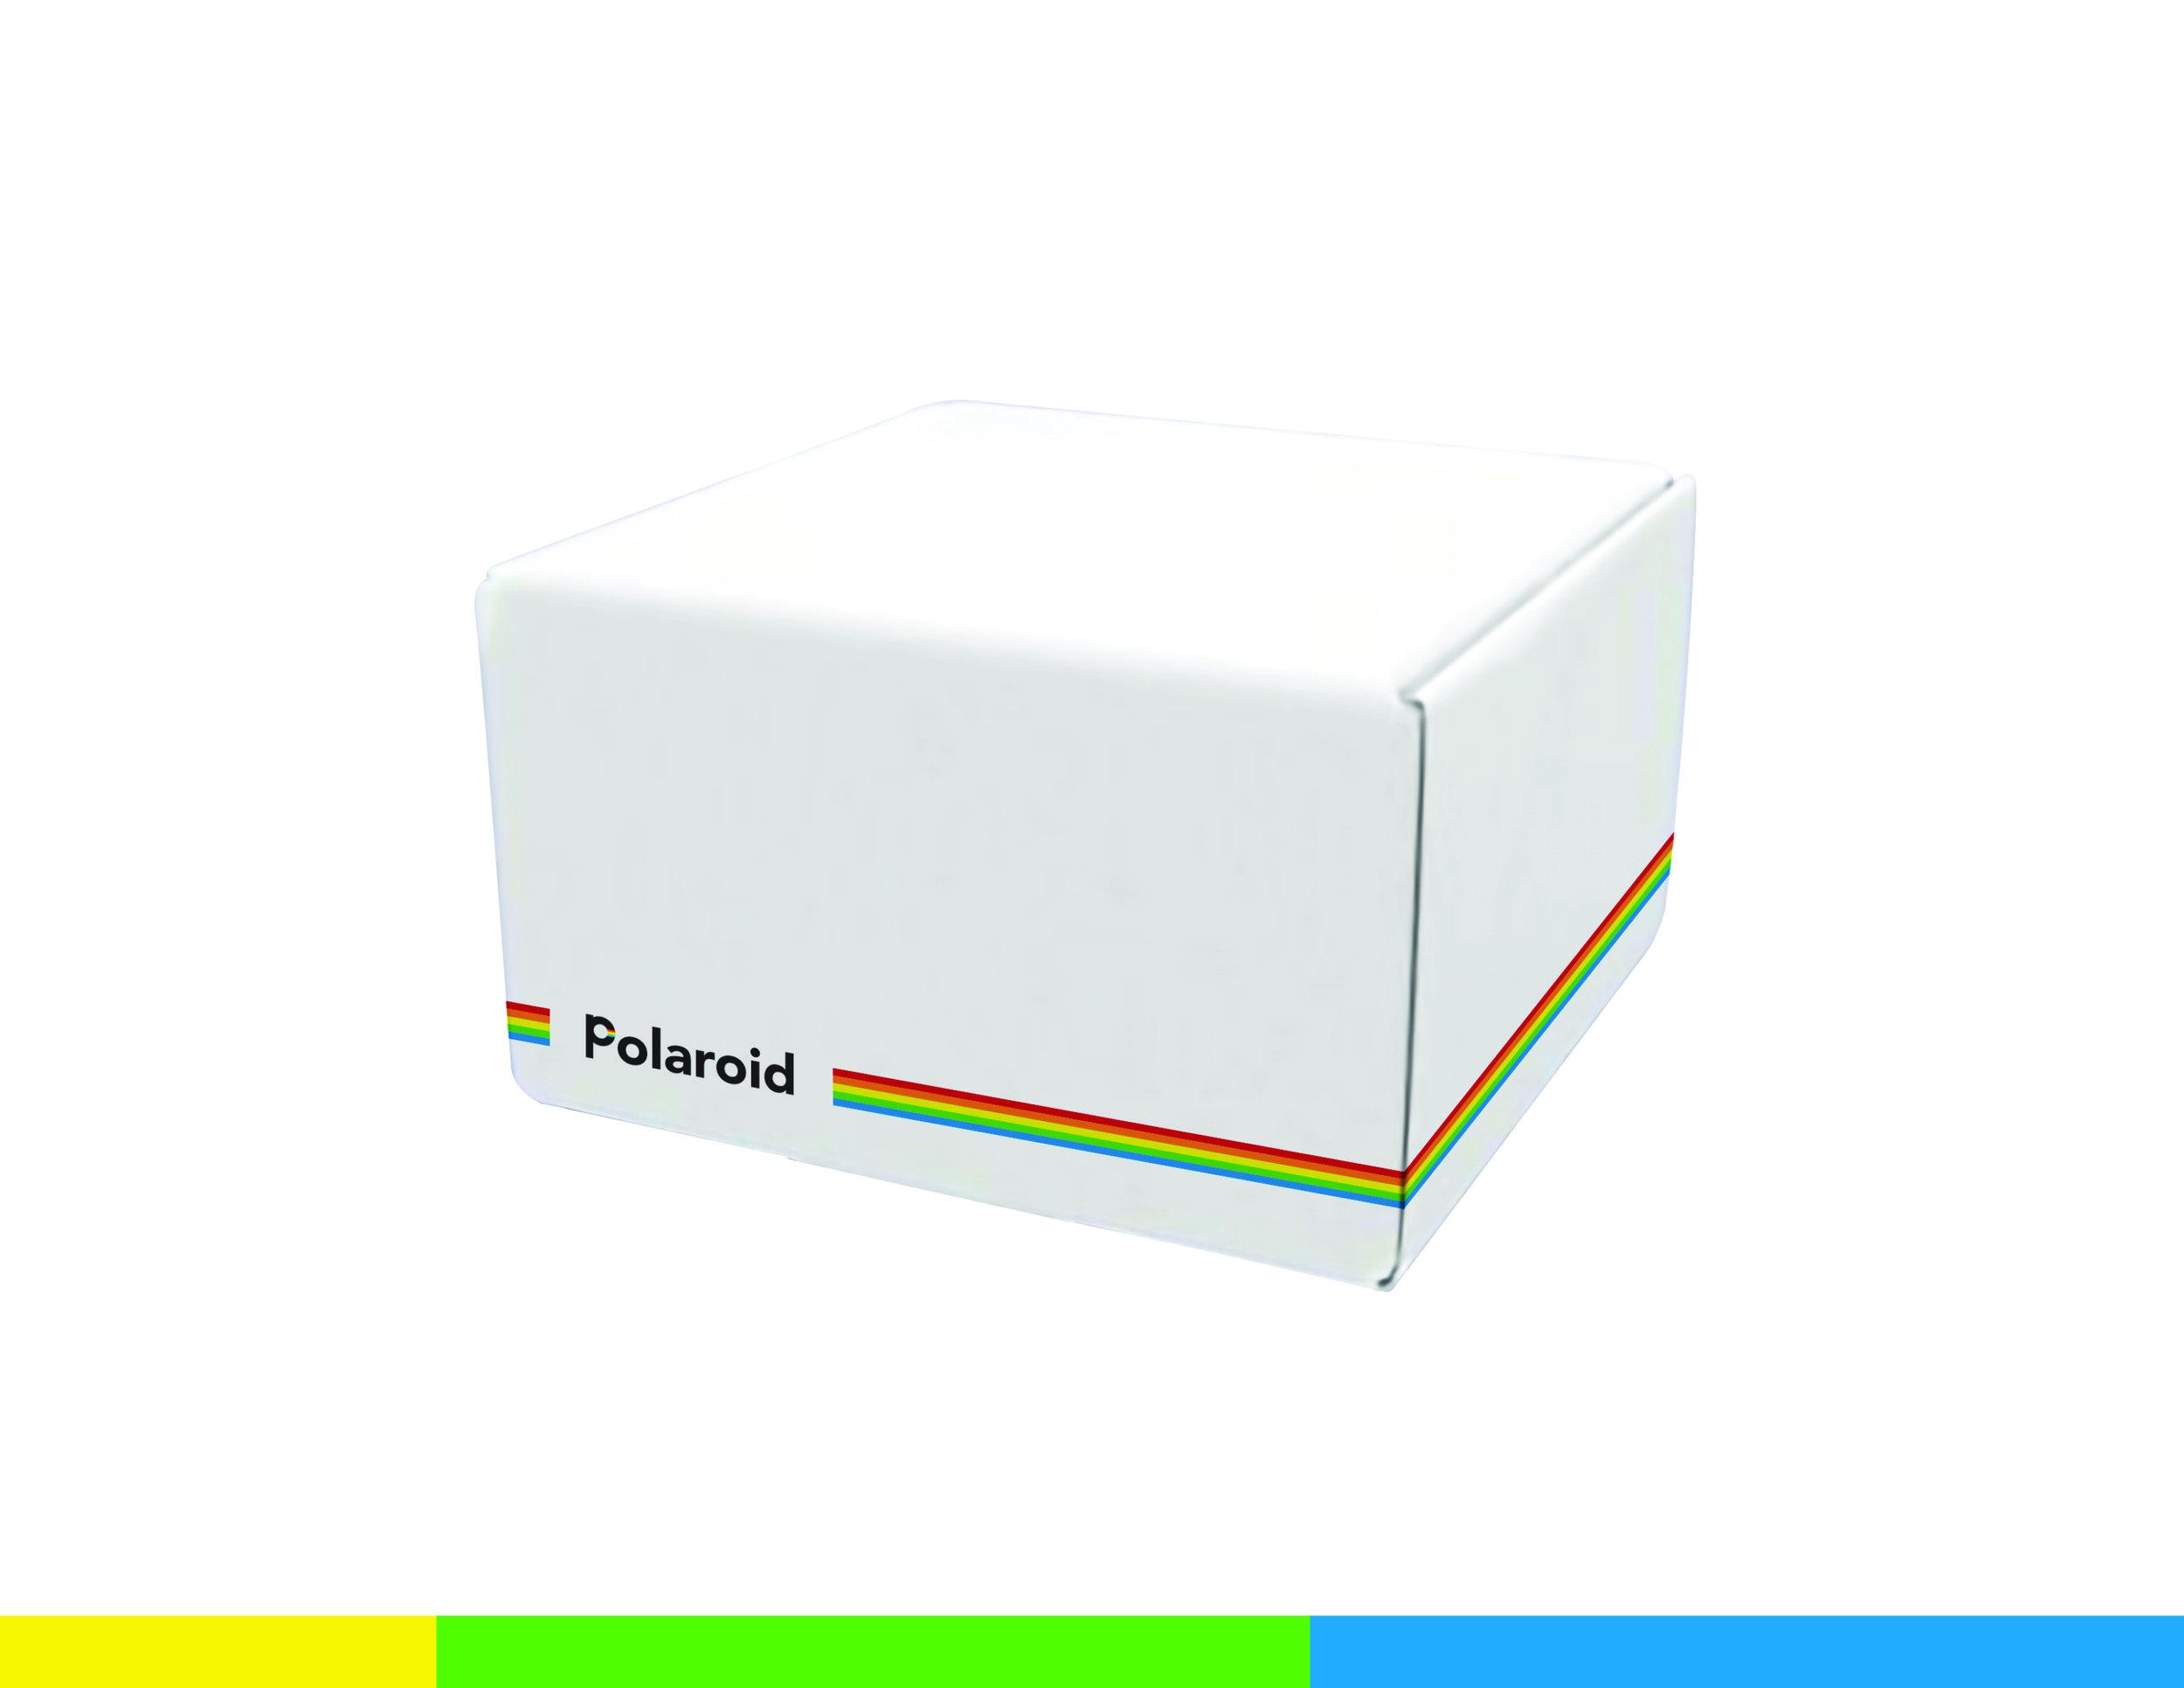 Polaroid Brand Guide 115.jpg